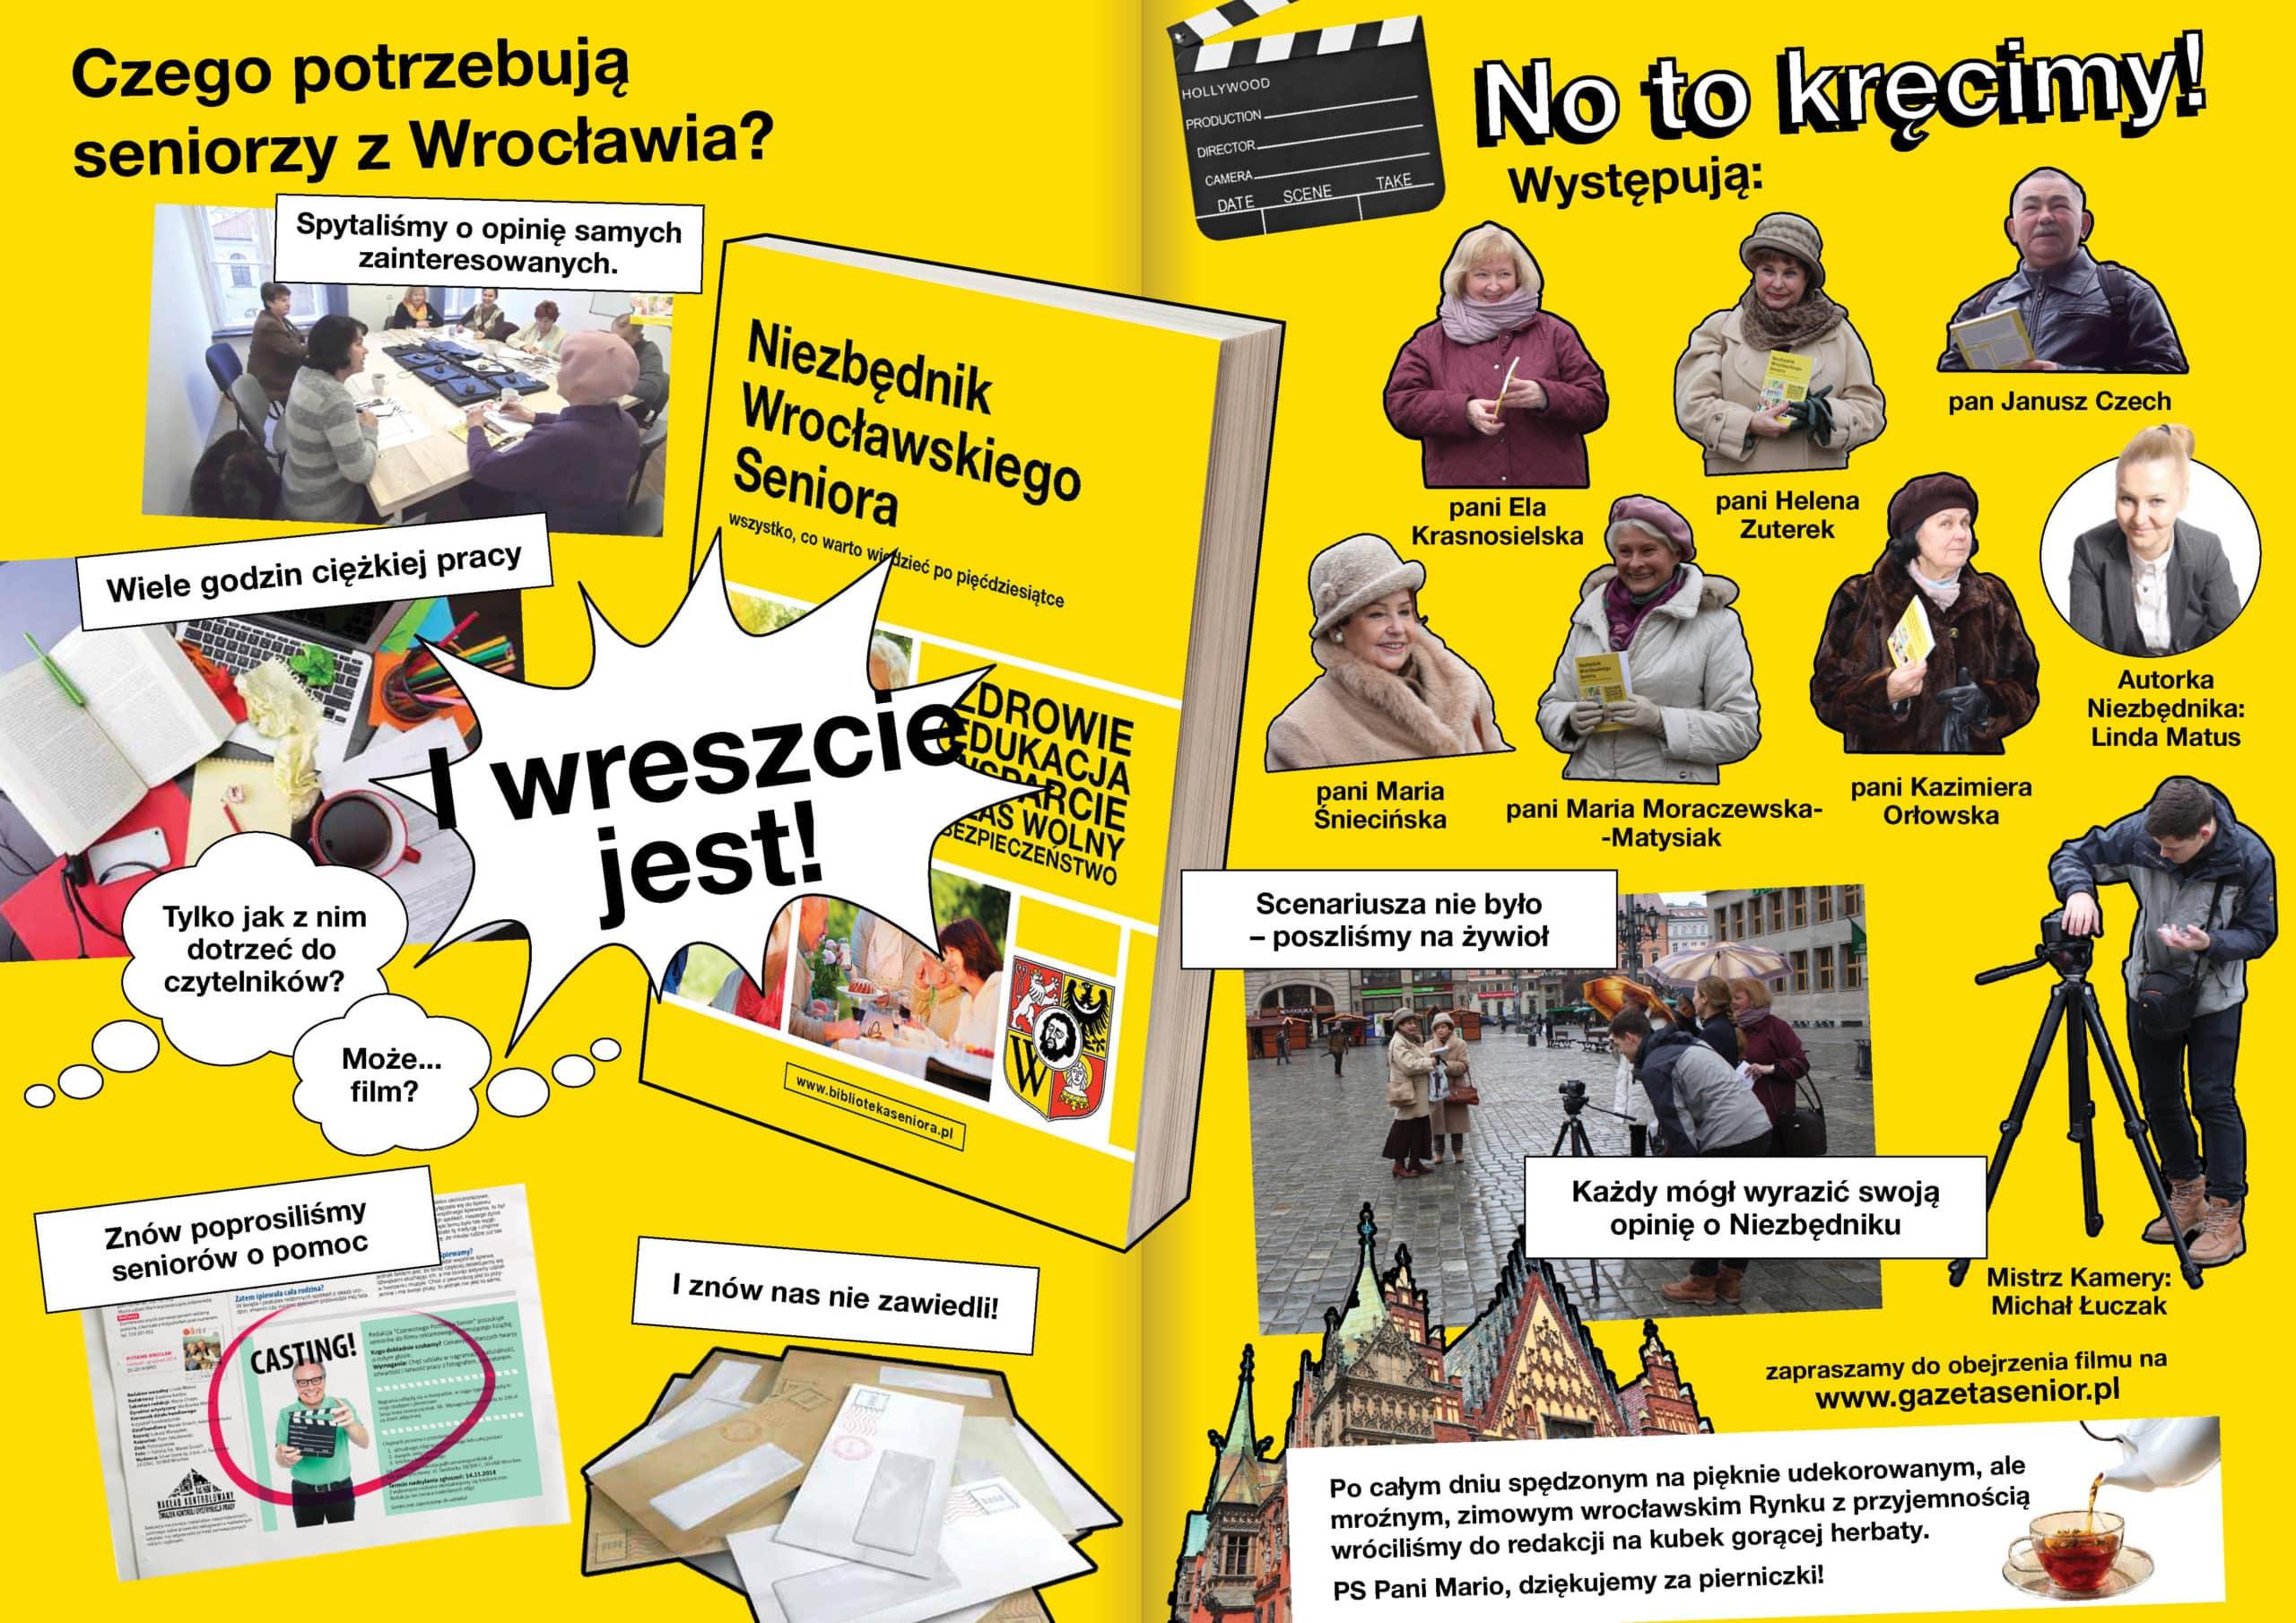 Kulisy filmu o Niezbędniku Wrocławskiego Seniora